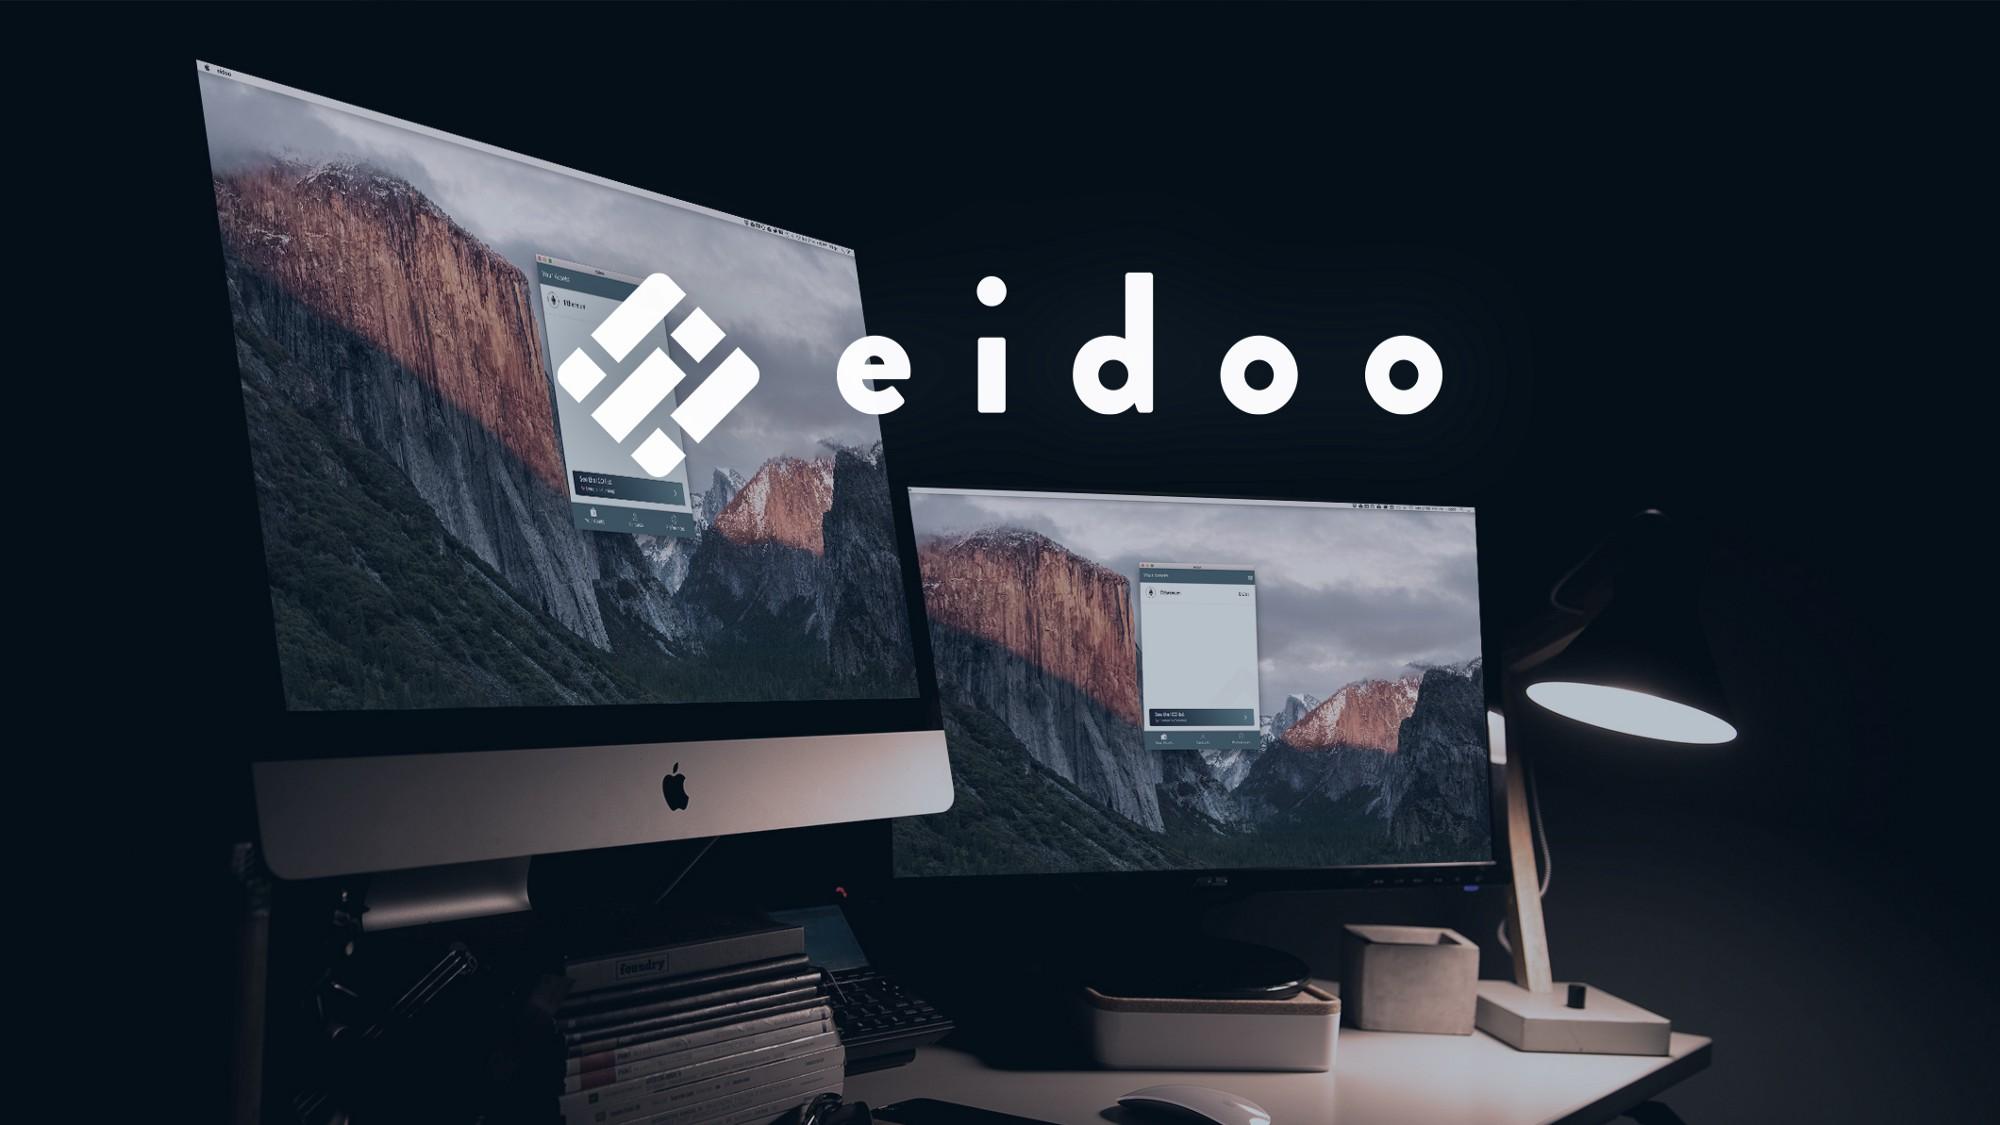 eidoo windows app